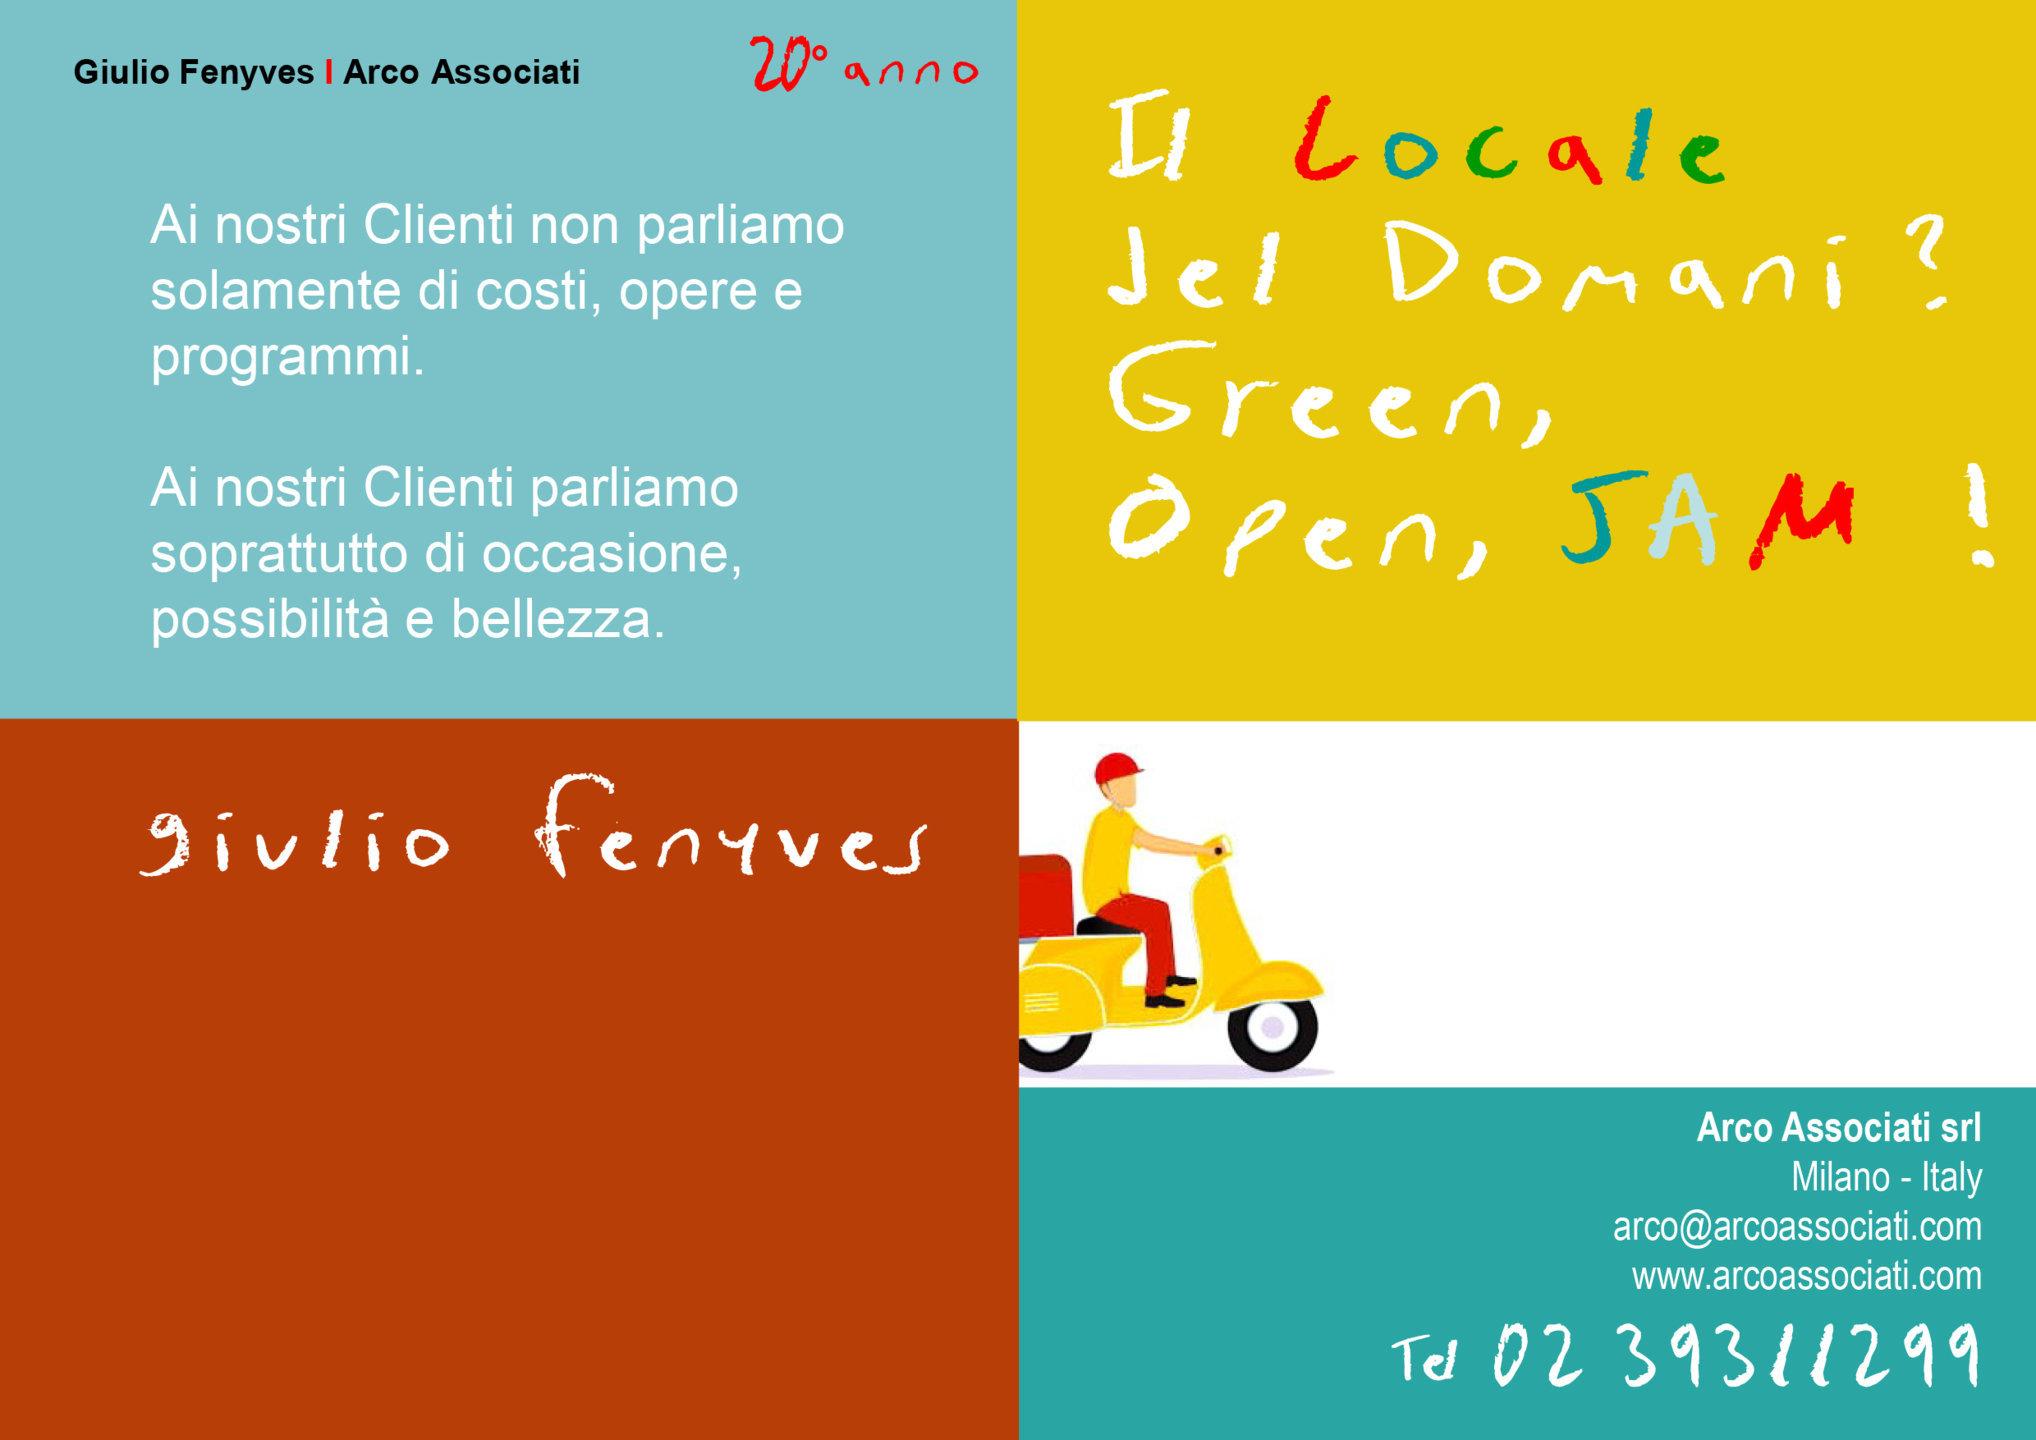 Arco Associati - Il locale del domani? Green, Open, JAM!